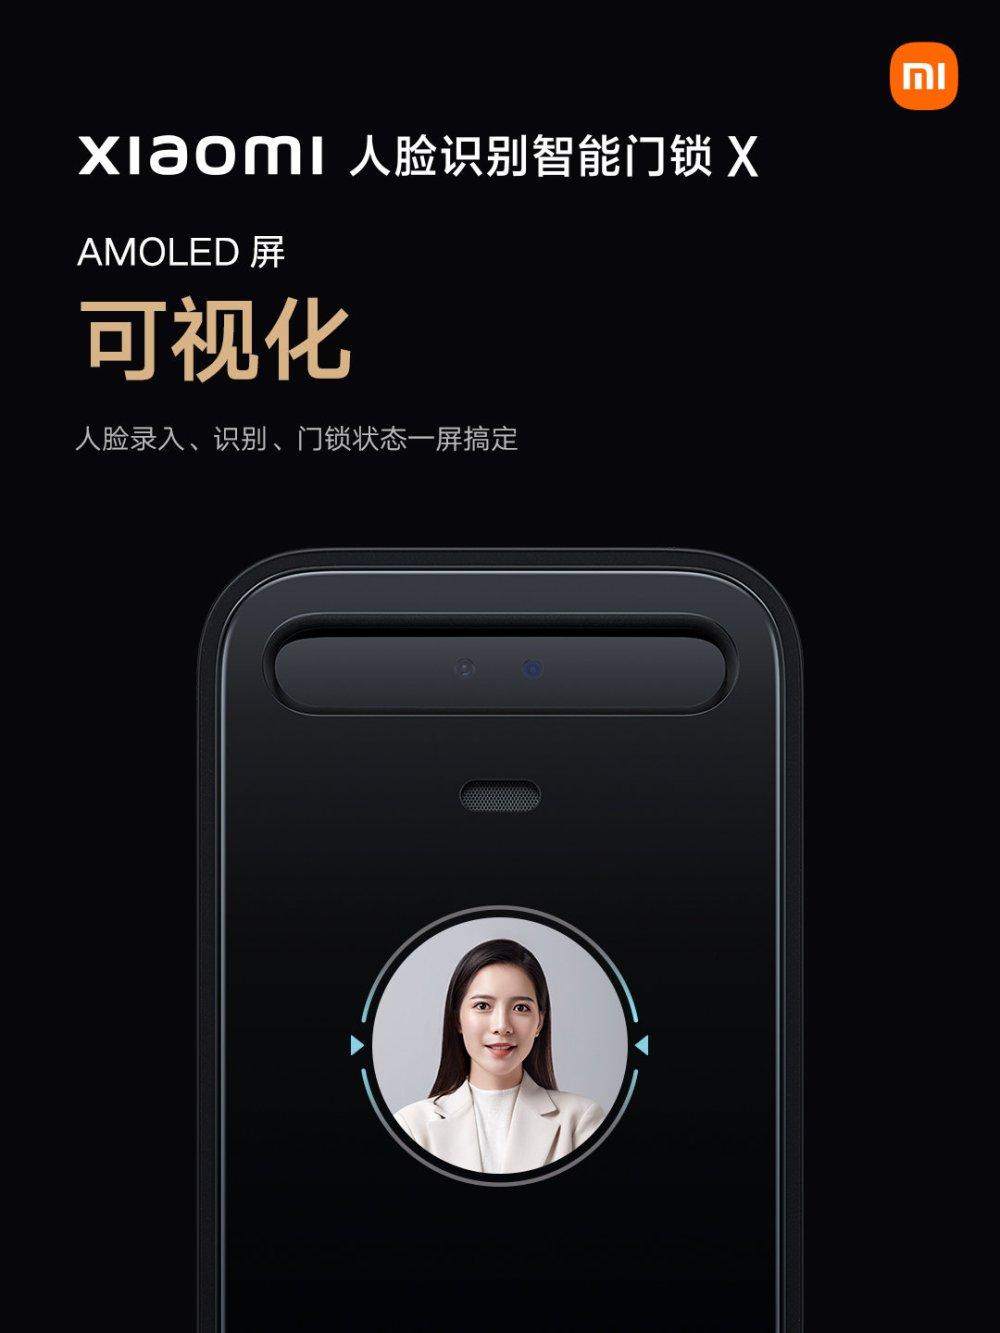 Xiaomi smart door lock X image 1